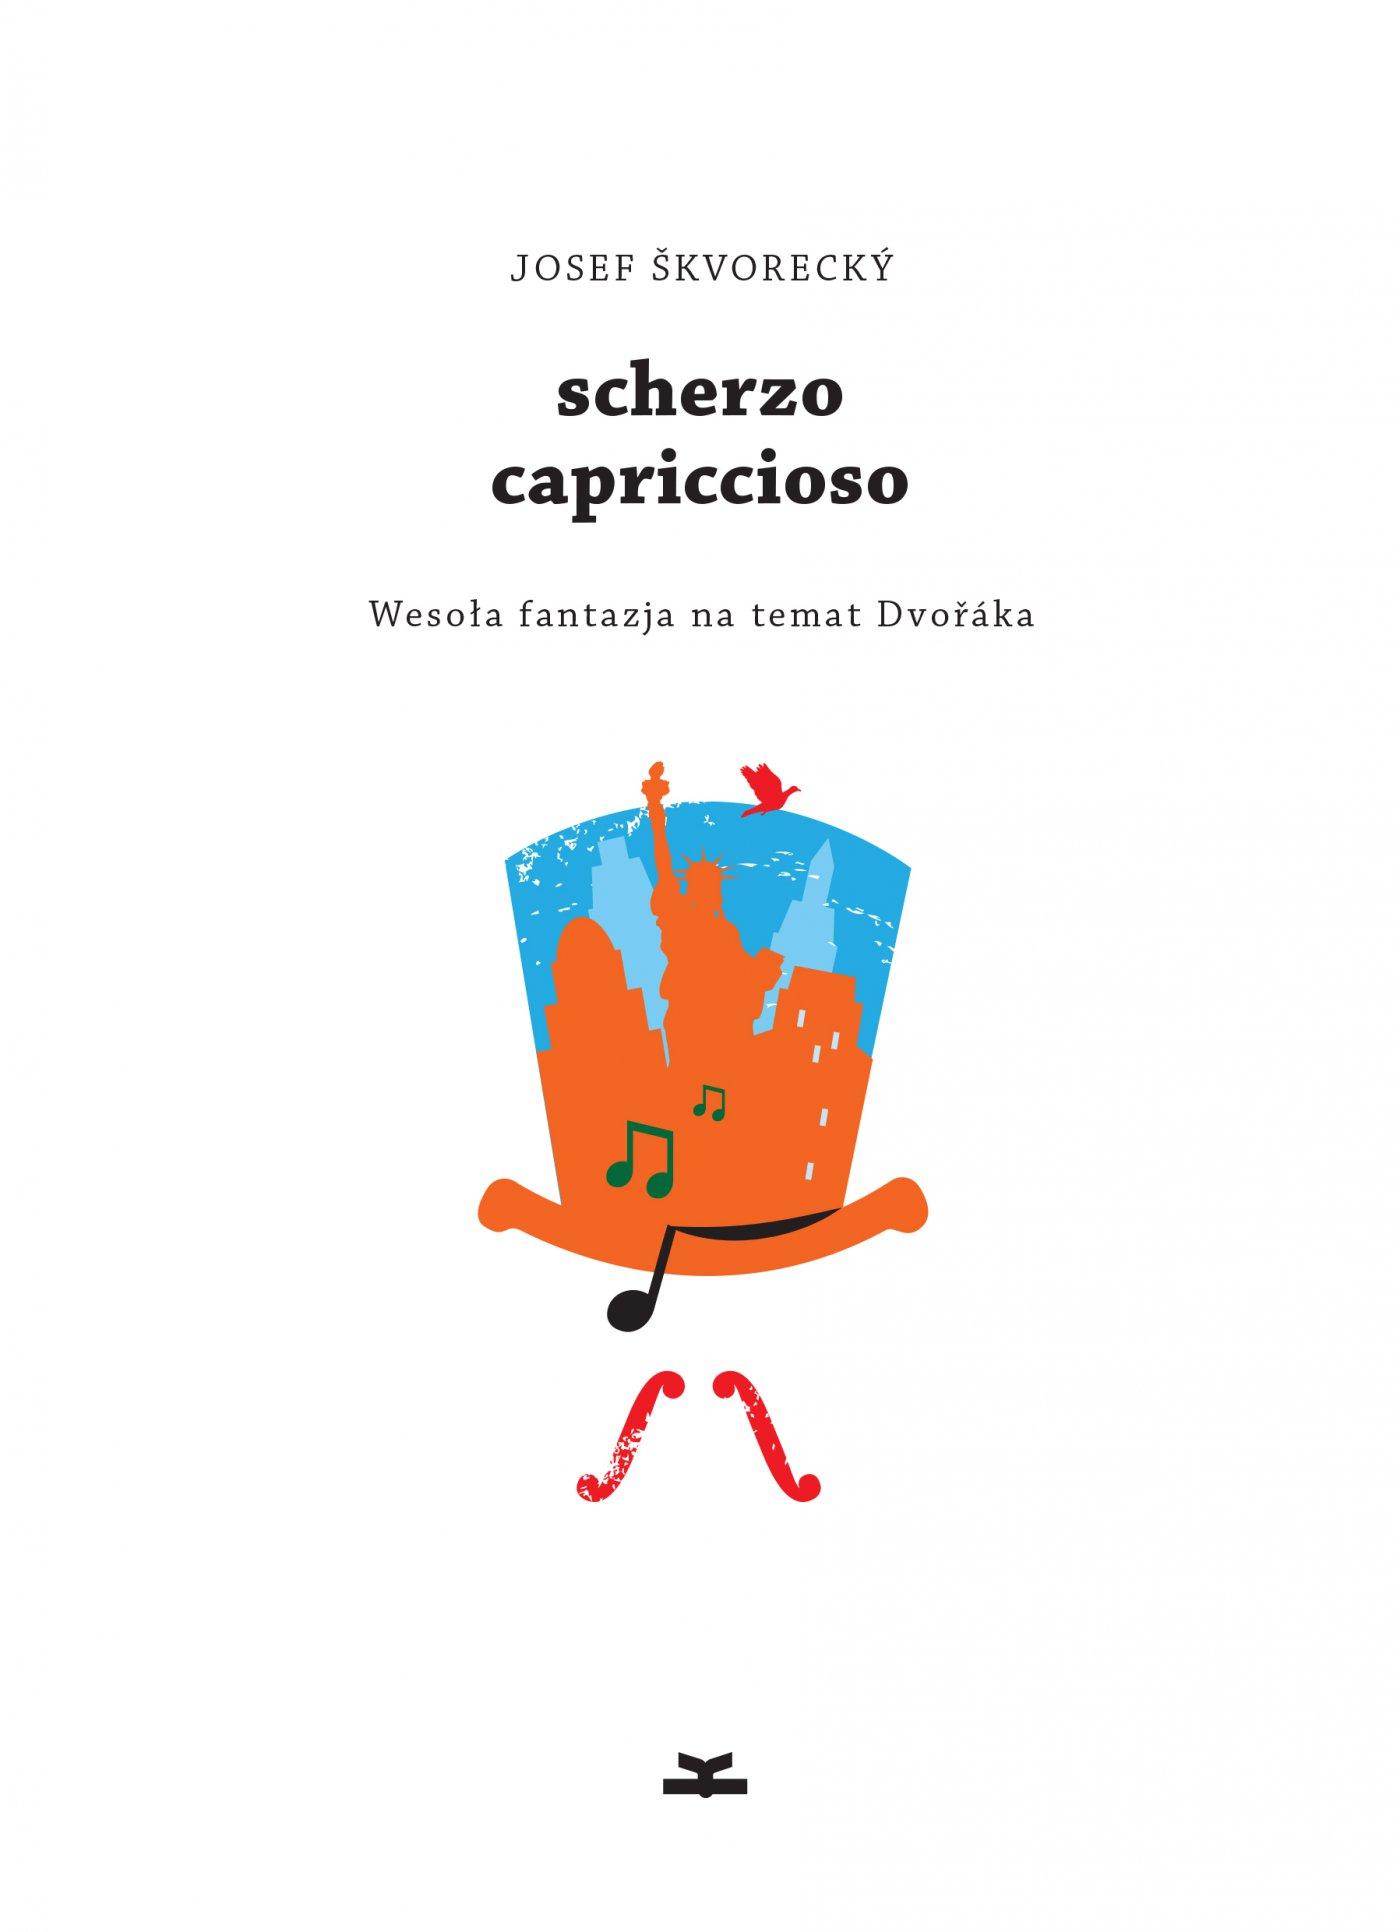 Scherzo capriccioso. Wesoła fantazja na temat Dvoraka - Ebook (Książka na Kindle) do pobrania w formacie MOBI